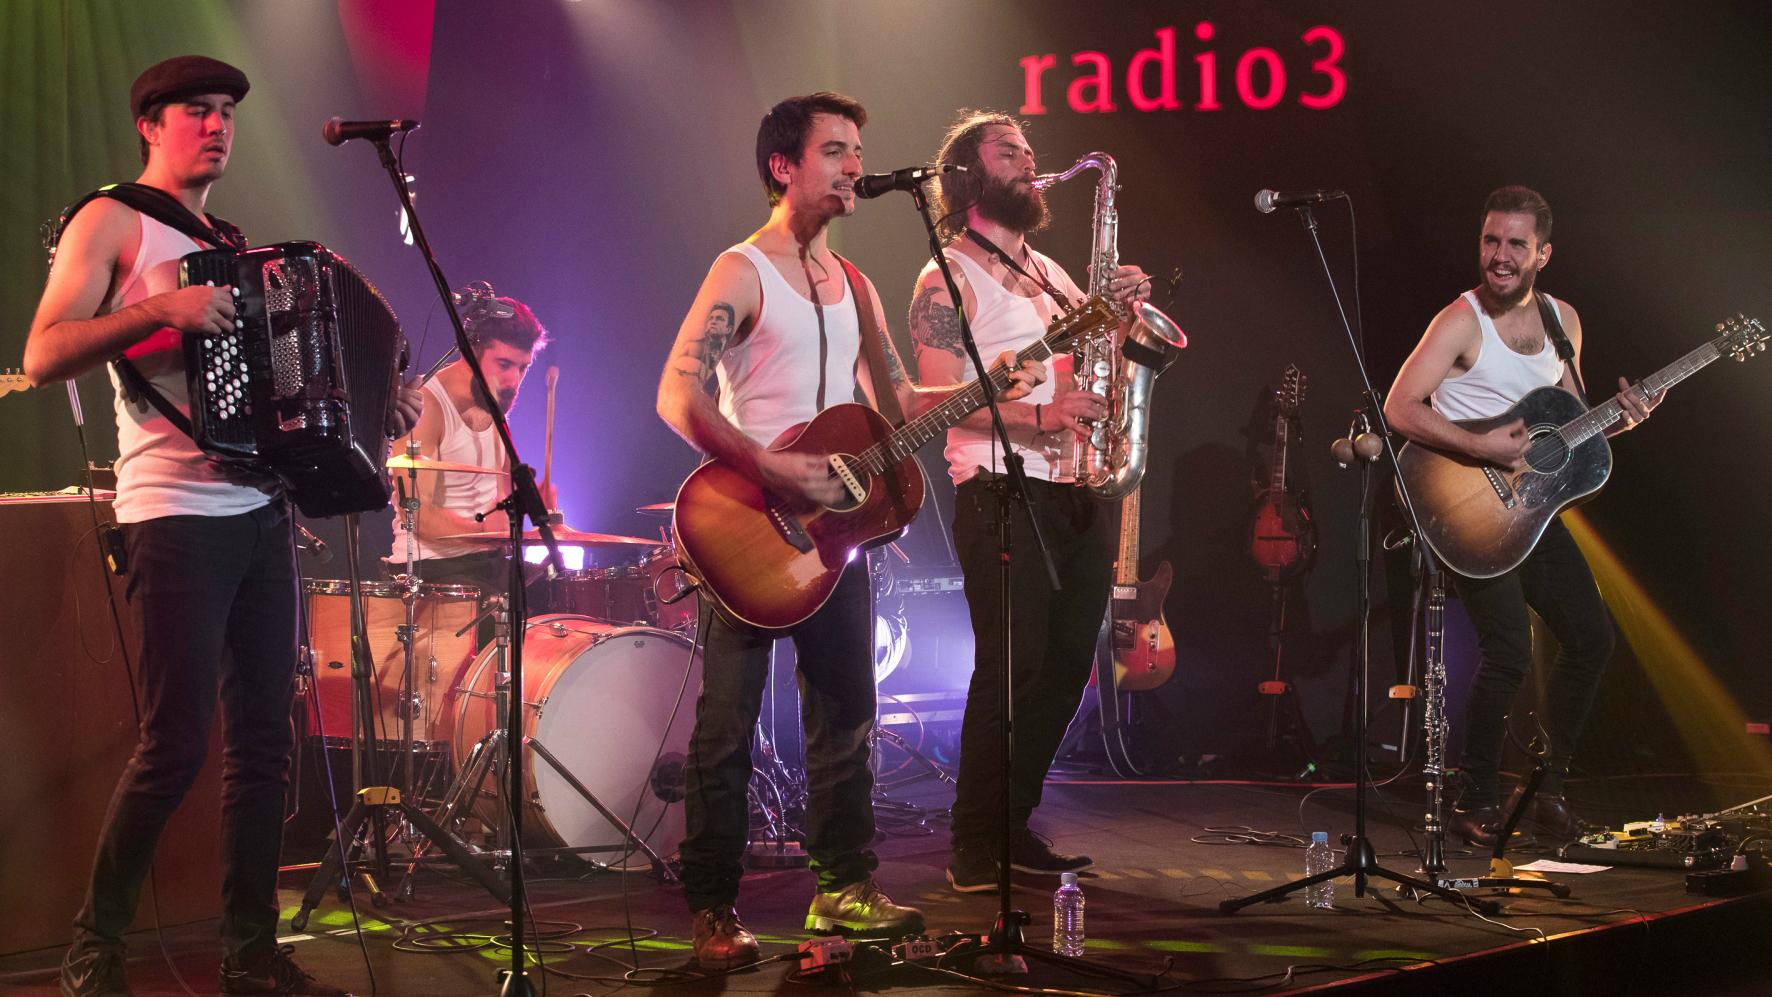 Los conciertos de Radio 3 - La M.O.D.A.